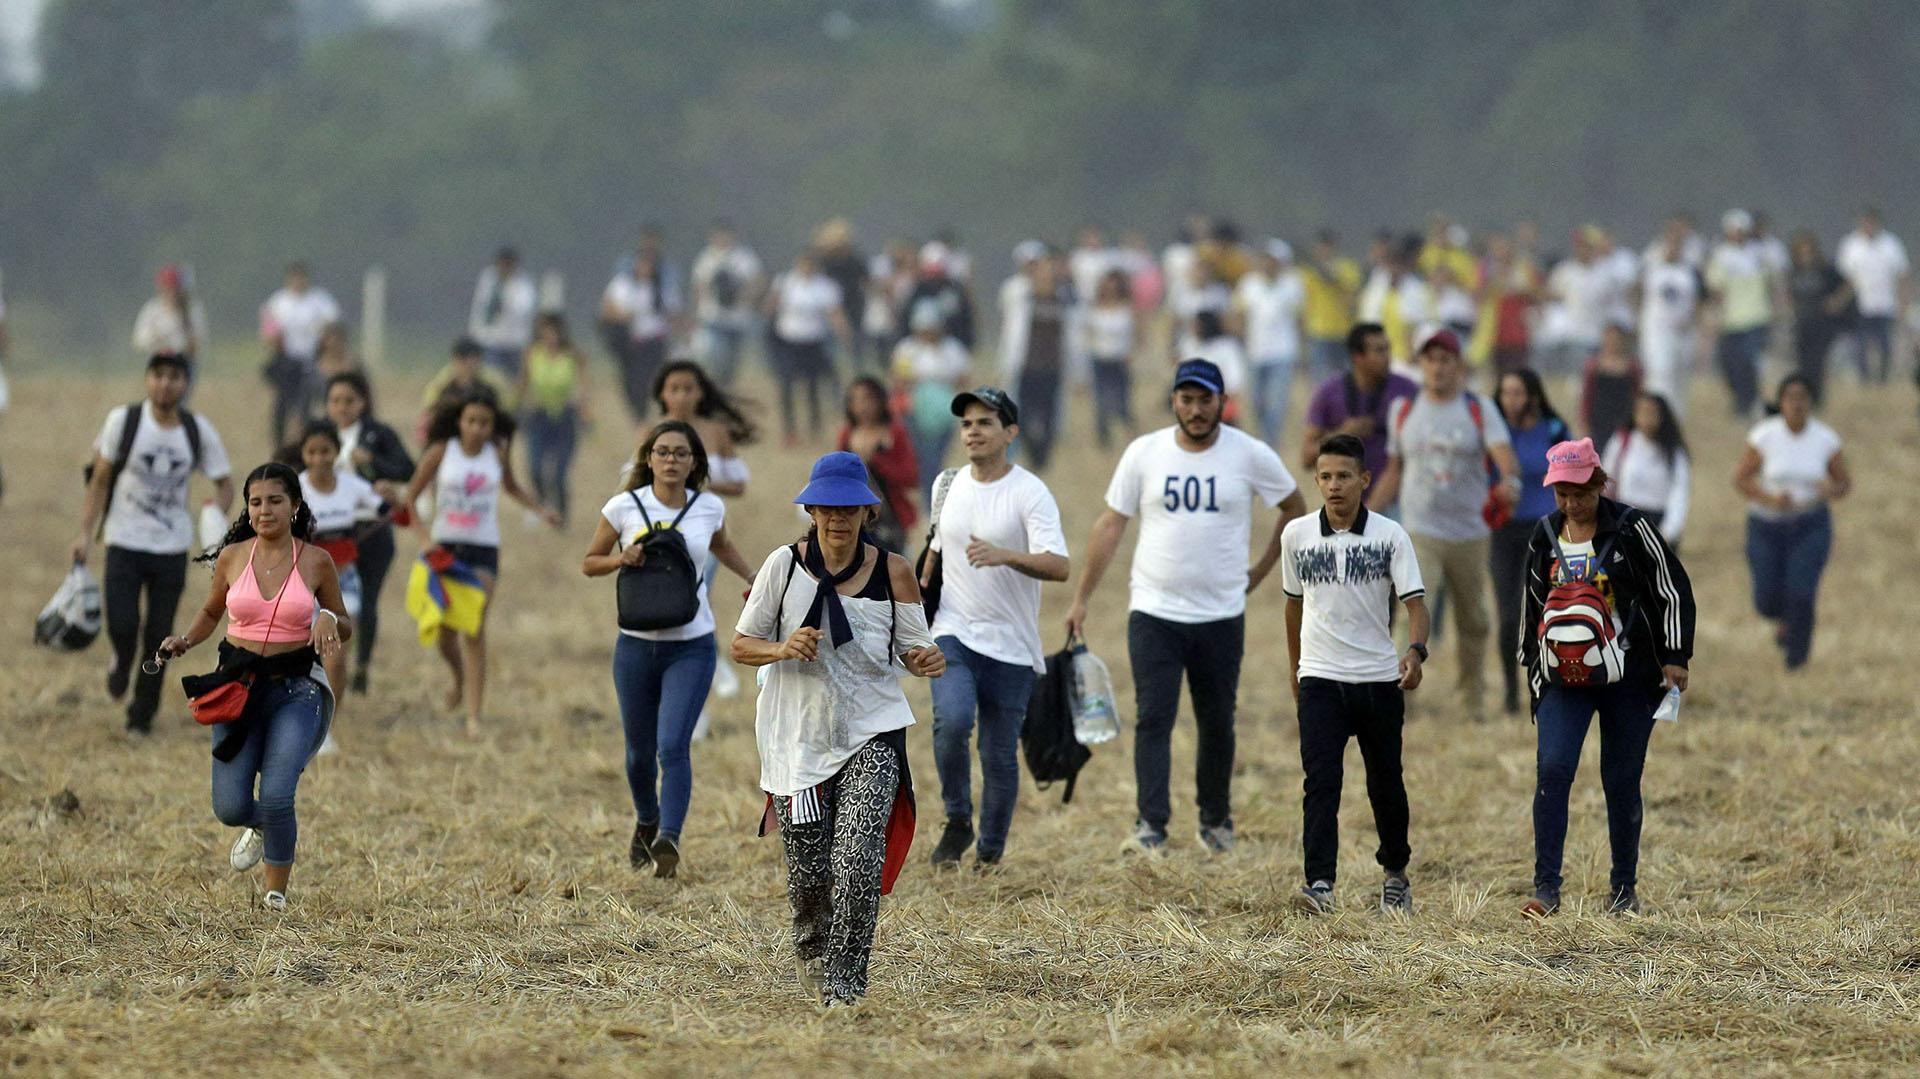 Los espectadores llegan al concierto.(AP)